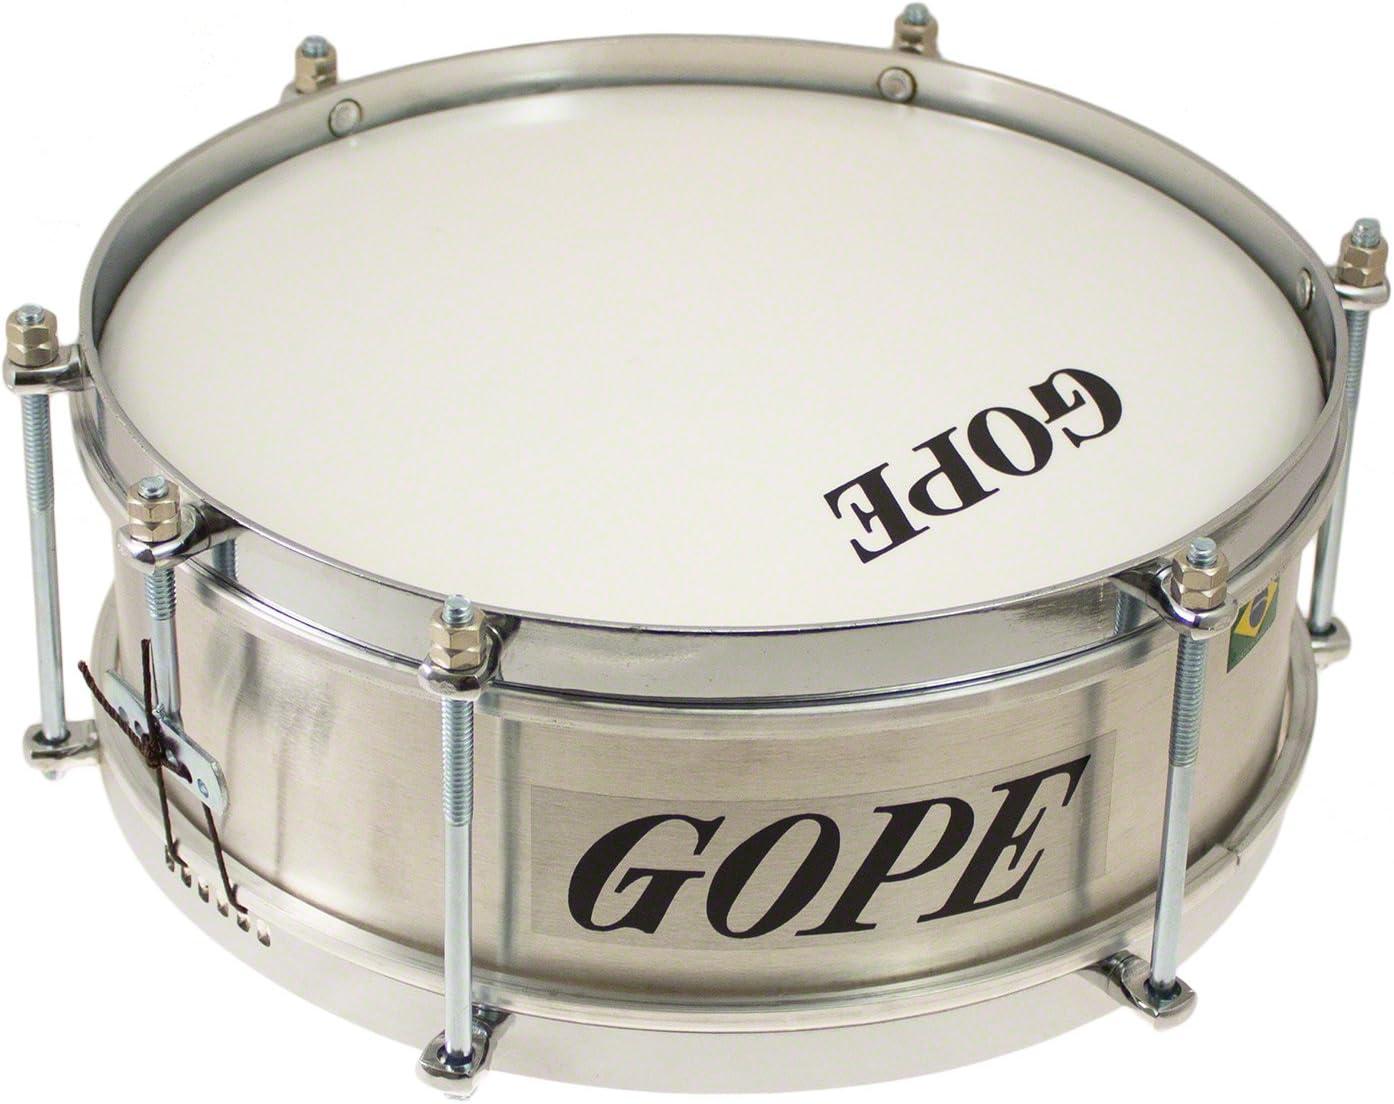 Gope CA1010AL-CR - Instrumento de percusión brasileño, caja mini de aluminio, circular, 10 cm de profundidad, cromado: Amazon.es: Instrumentos musicales